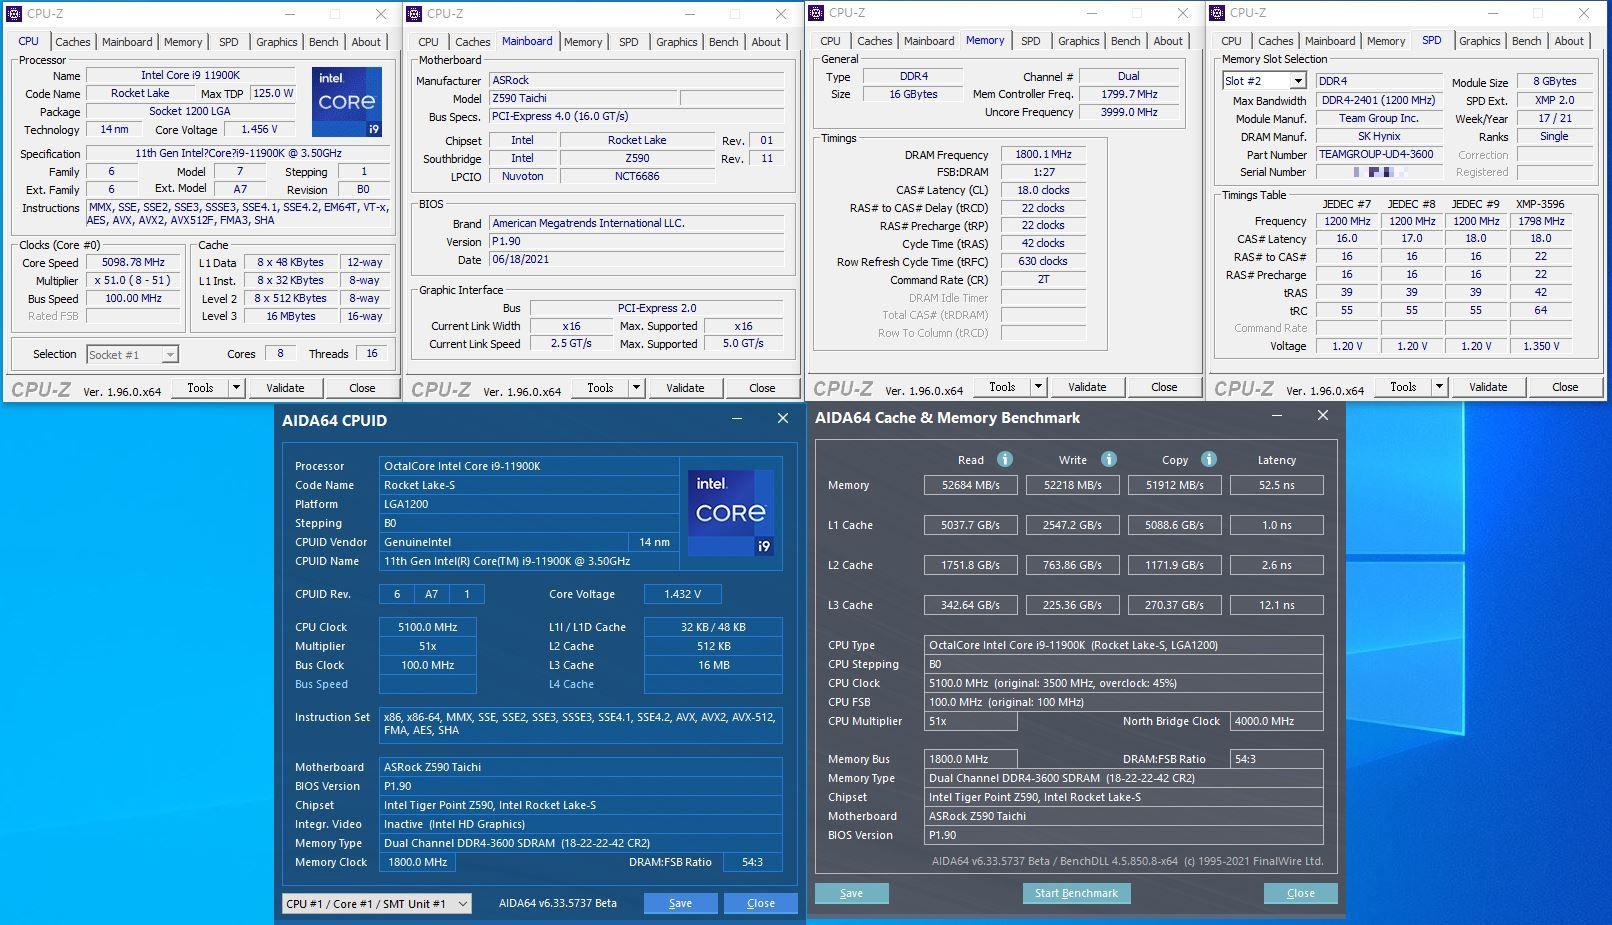 十銓T-FORCE XTREEM ARGB DDR4-3600 White Edition超頻記憶體-超美雪...2935